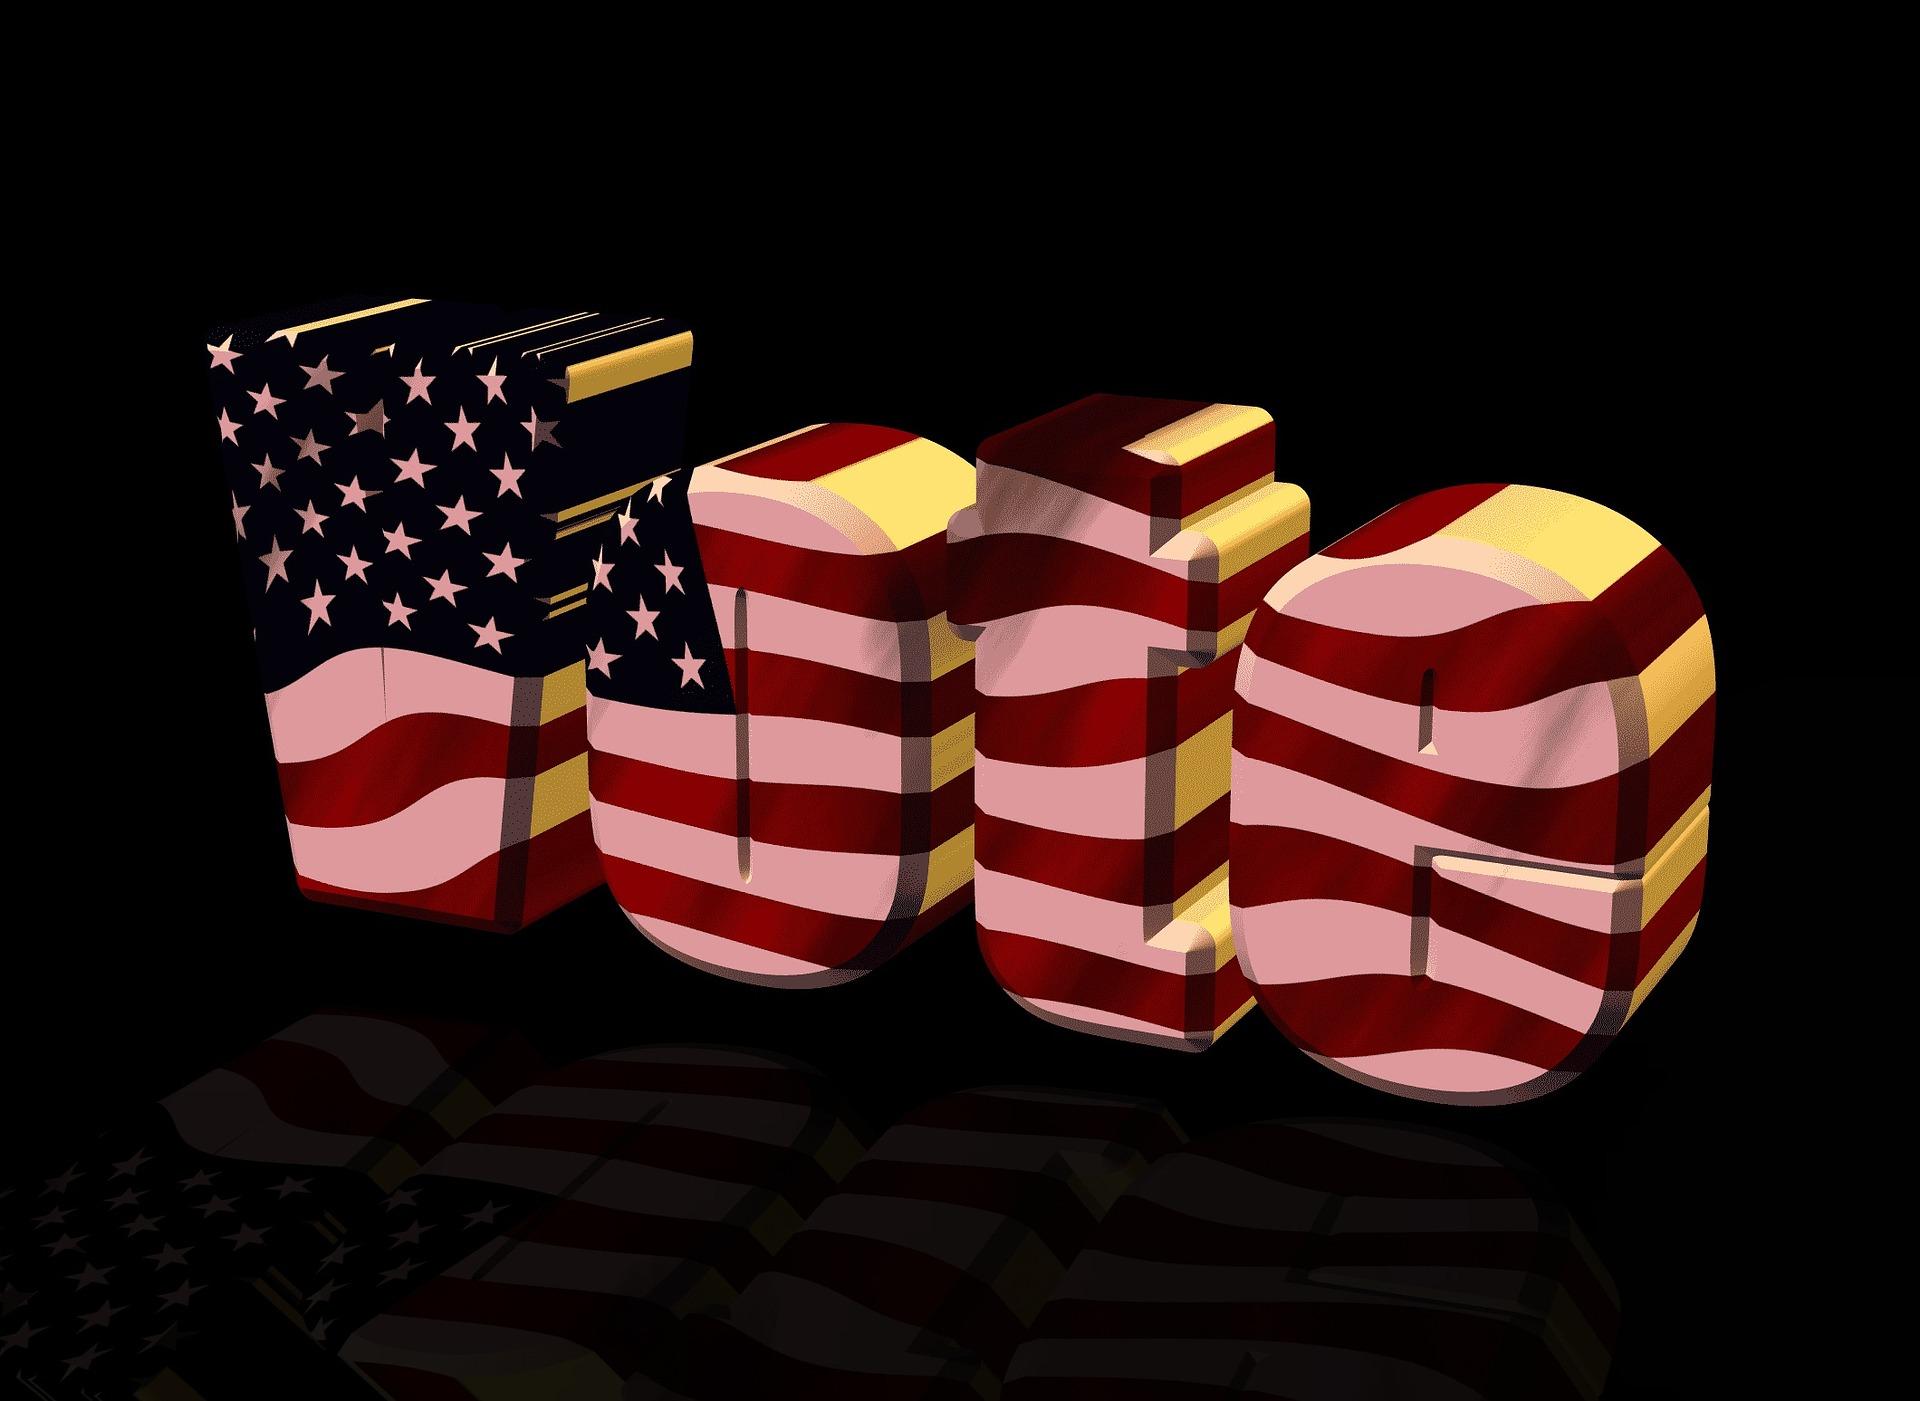 Εκλογές στις ΗΠΑ…του Παναγιώτη Δουκέλη